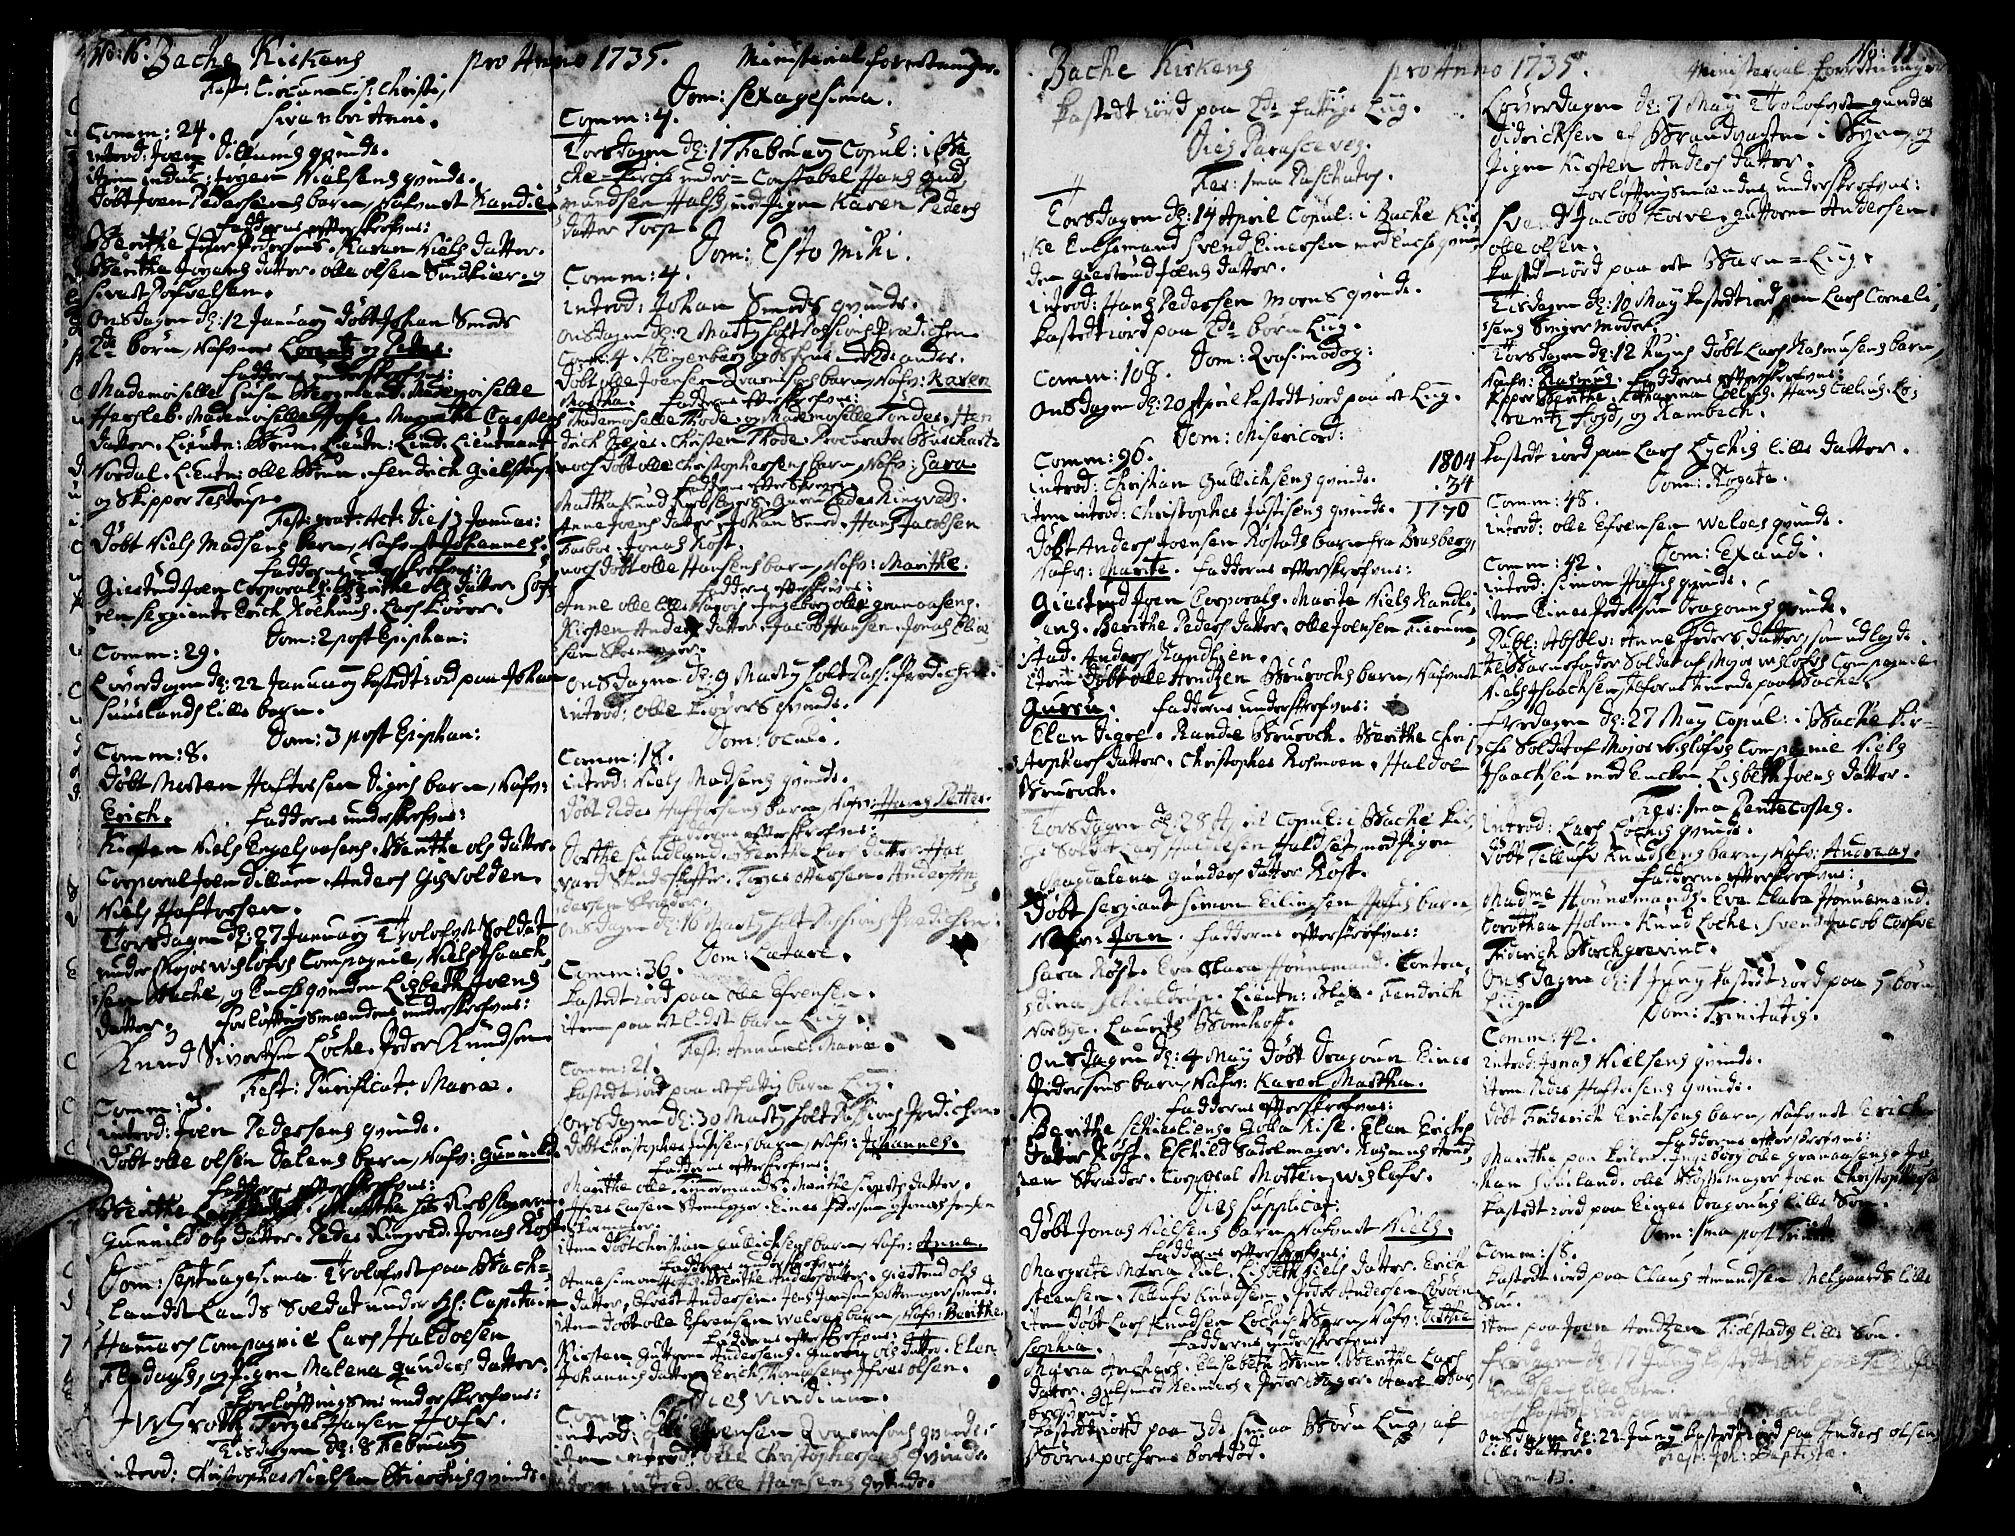 SAT, Ministerialprotokoller, klokkerbøker og fødselsregistre - Sør-Trøndelag, 606/L0276: Ministerialbok nr. 606A01 /2, 1727-1779, s. 16-17